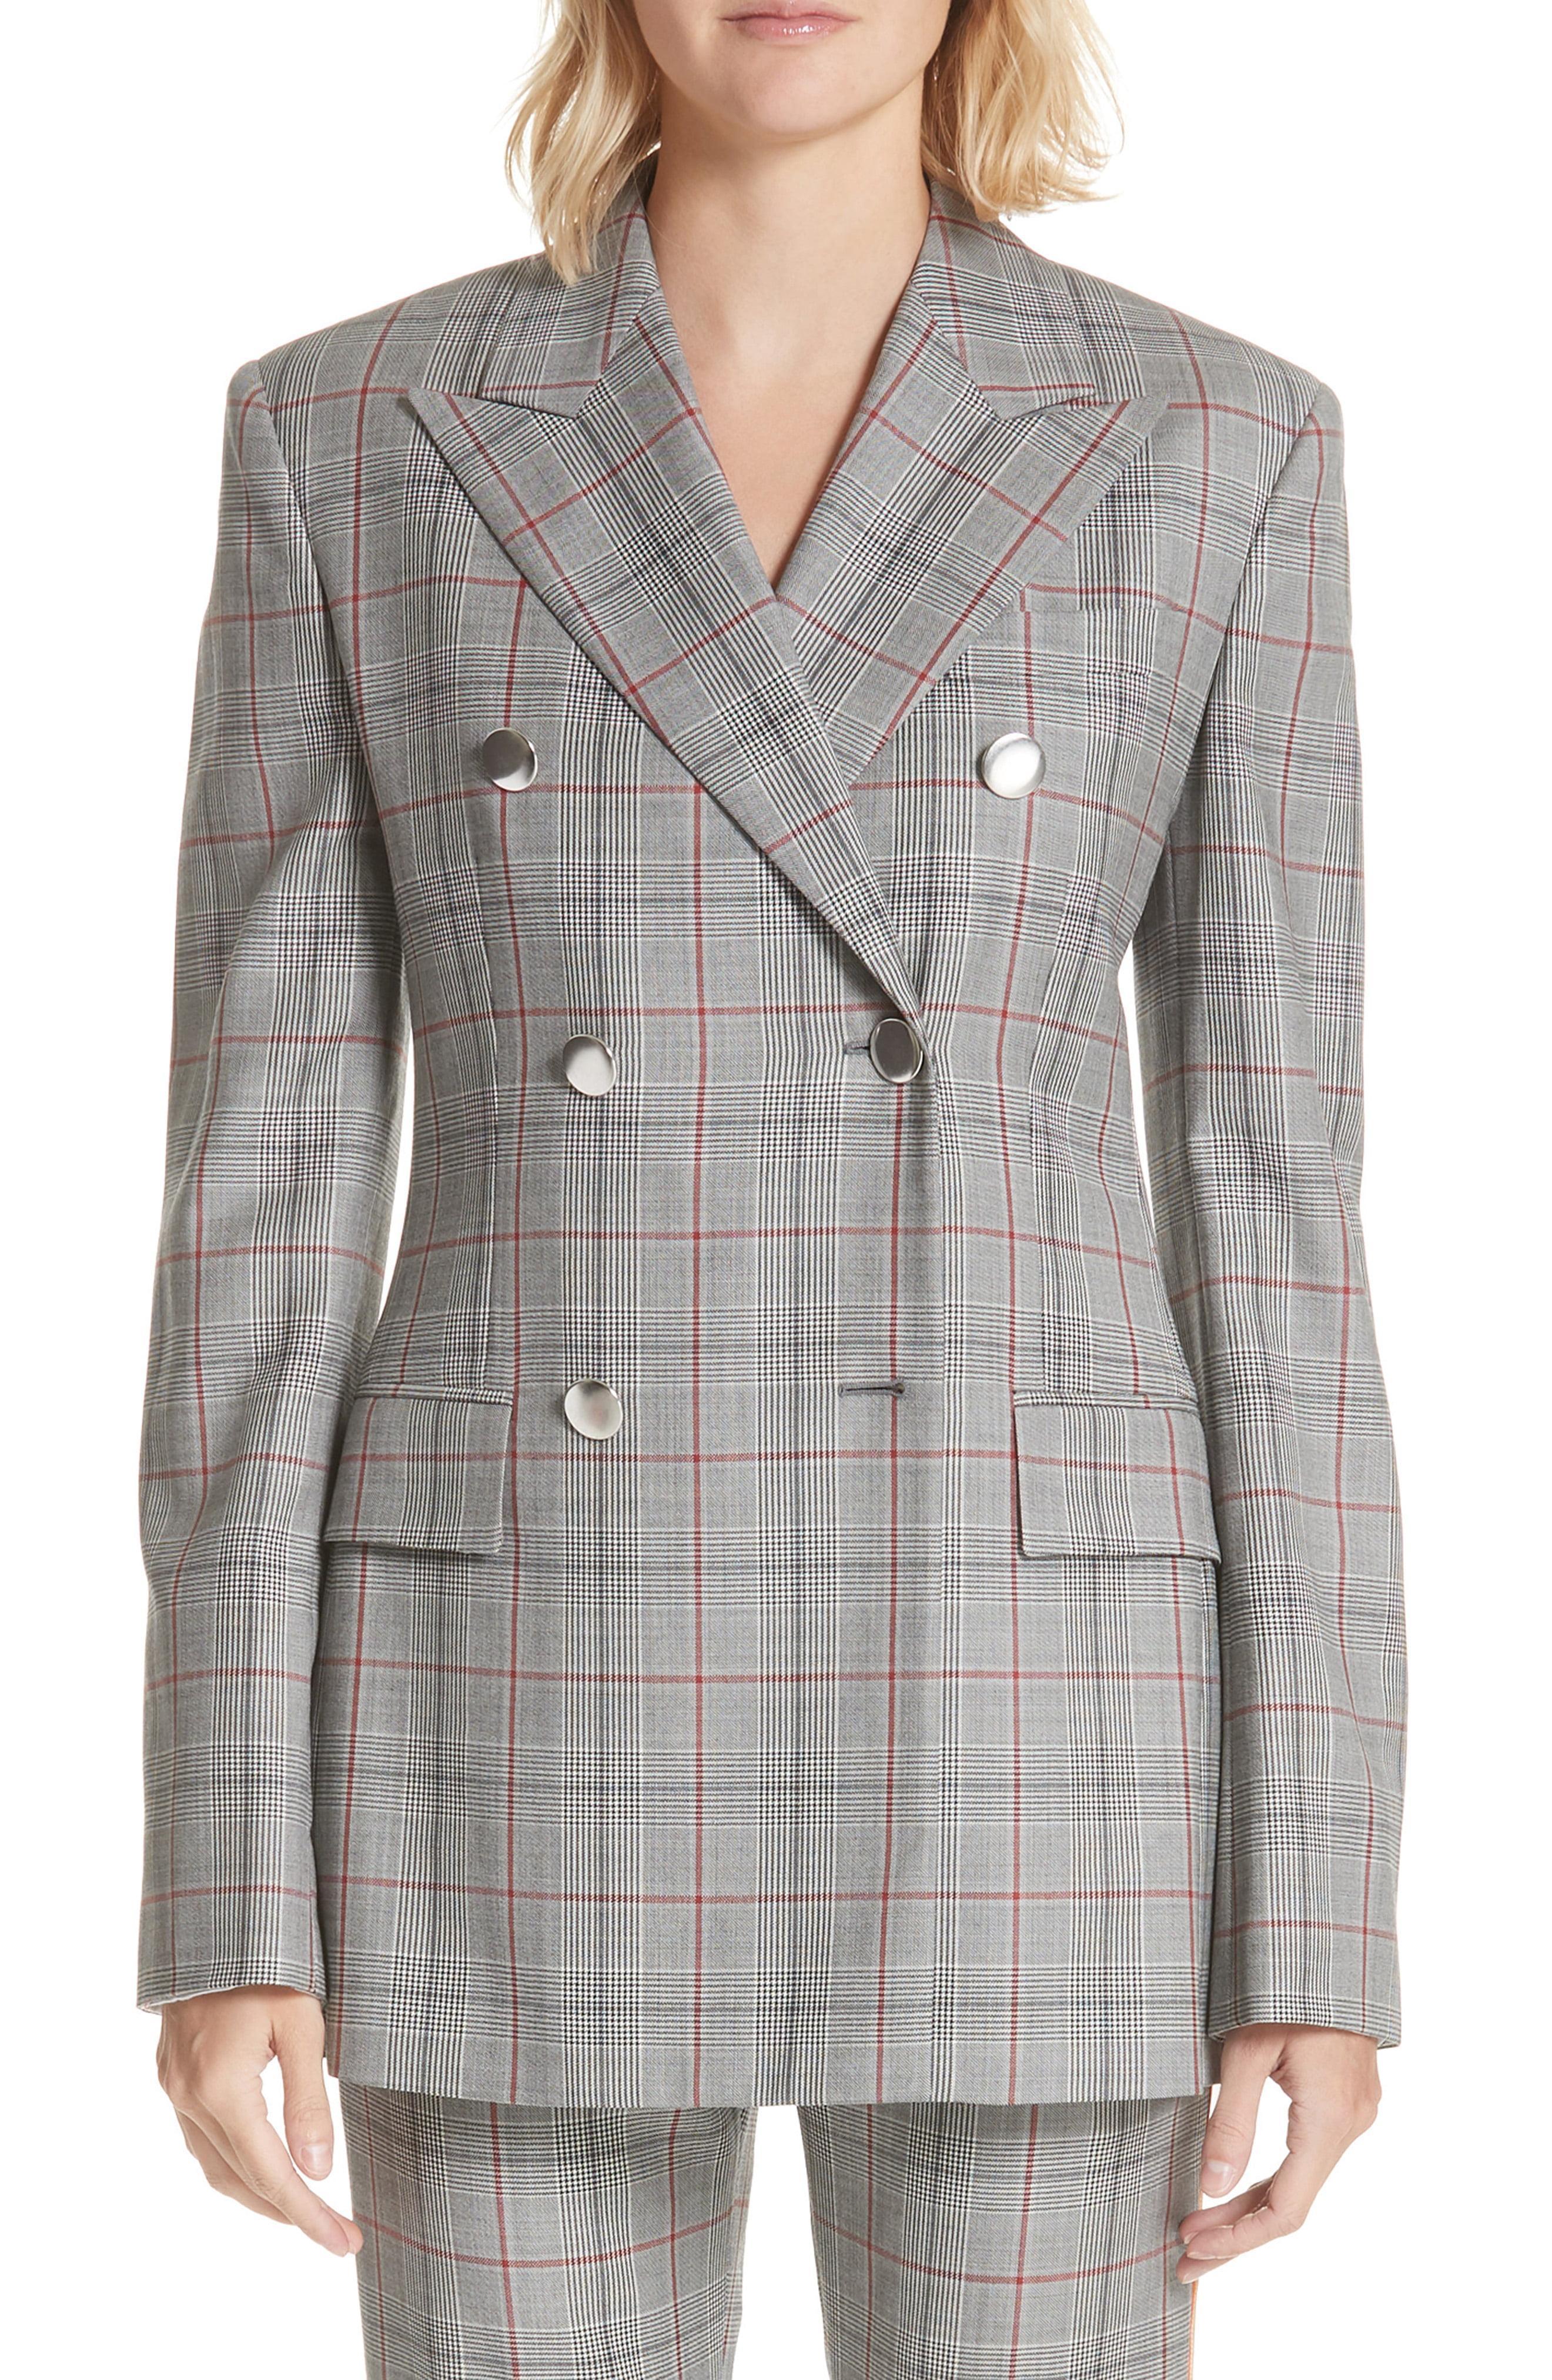 969390dd4a38 Lyst - CALVIN KLEIN 205W39NYC Plaid Wool Jacket in Gray